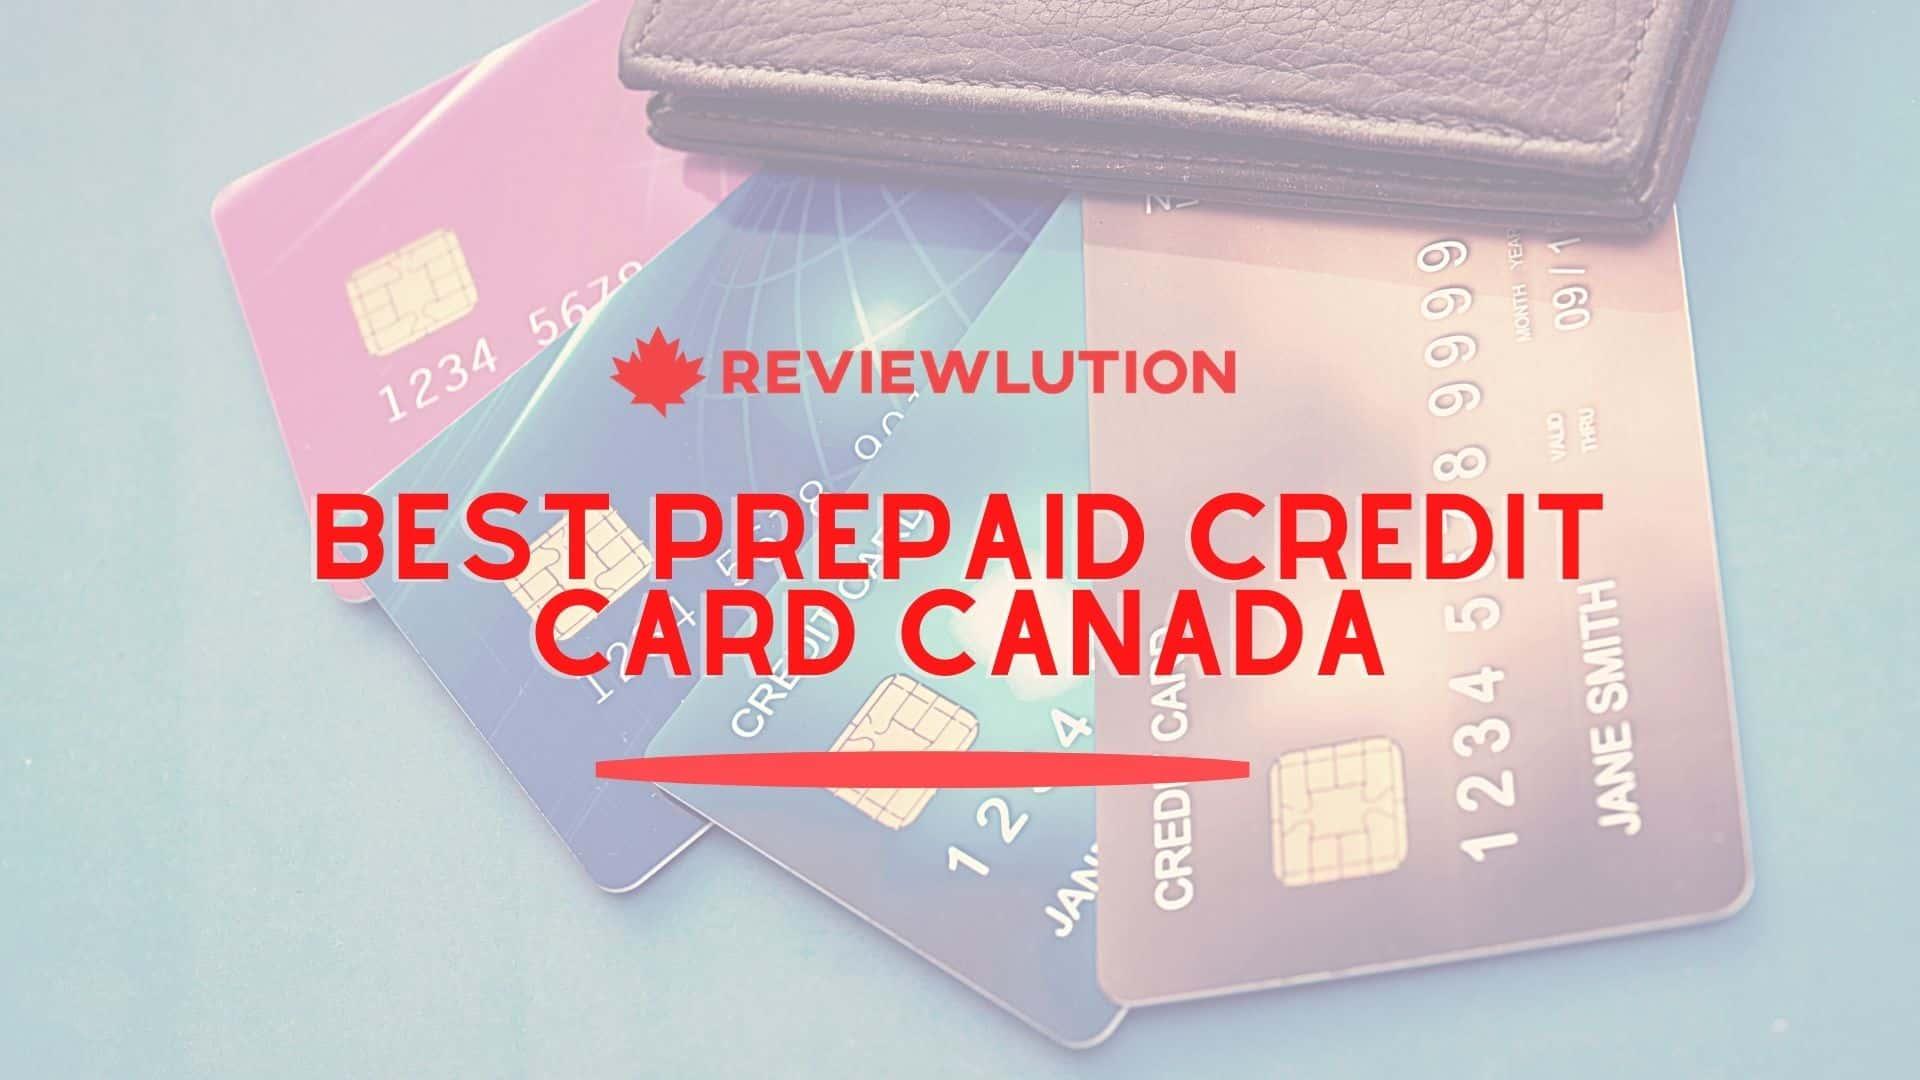 Best Prepaid Credit Cards in Canada